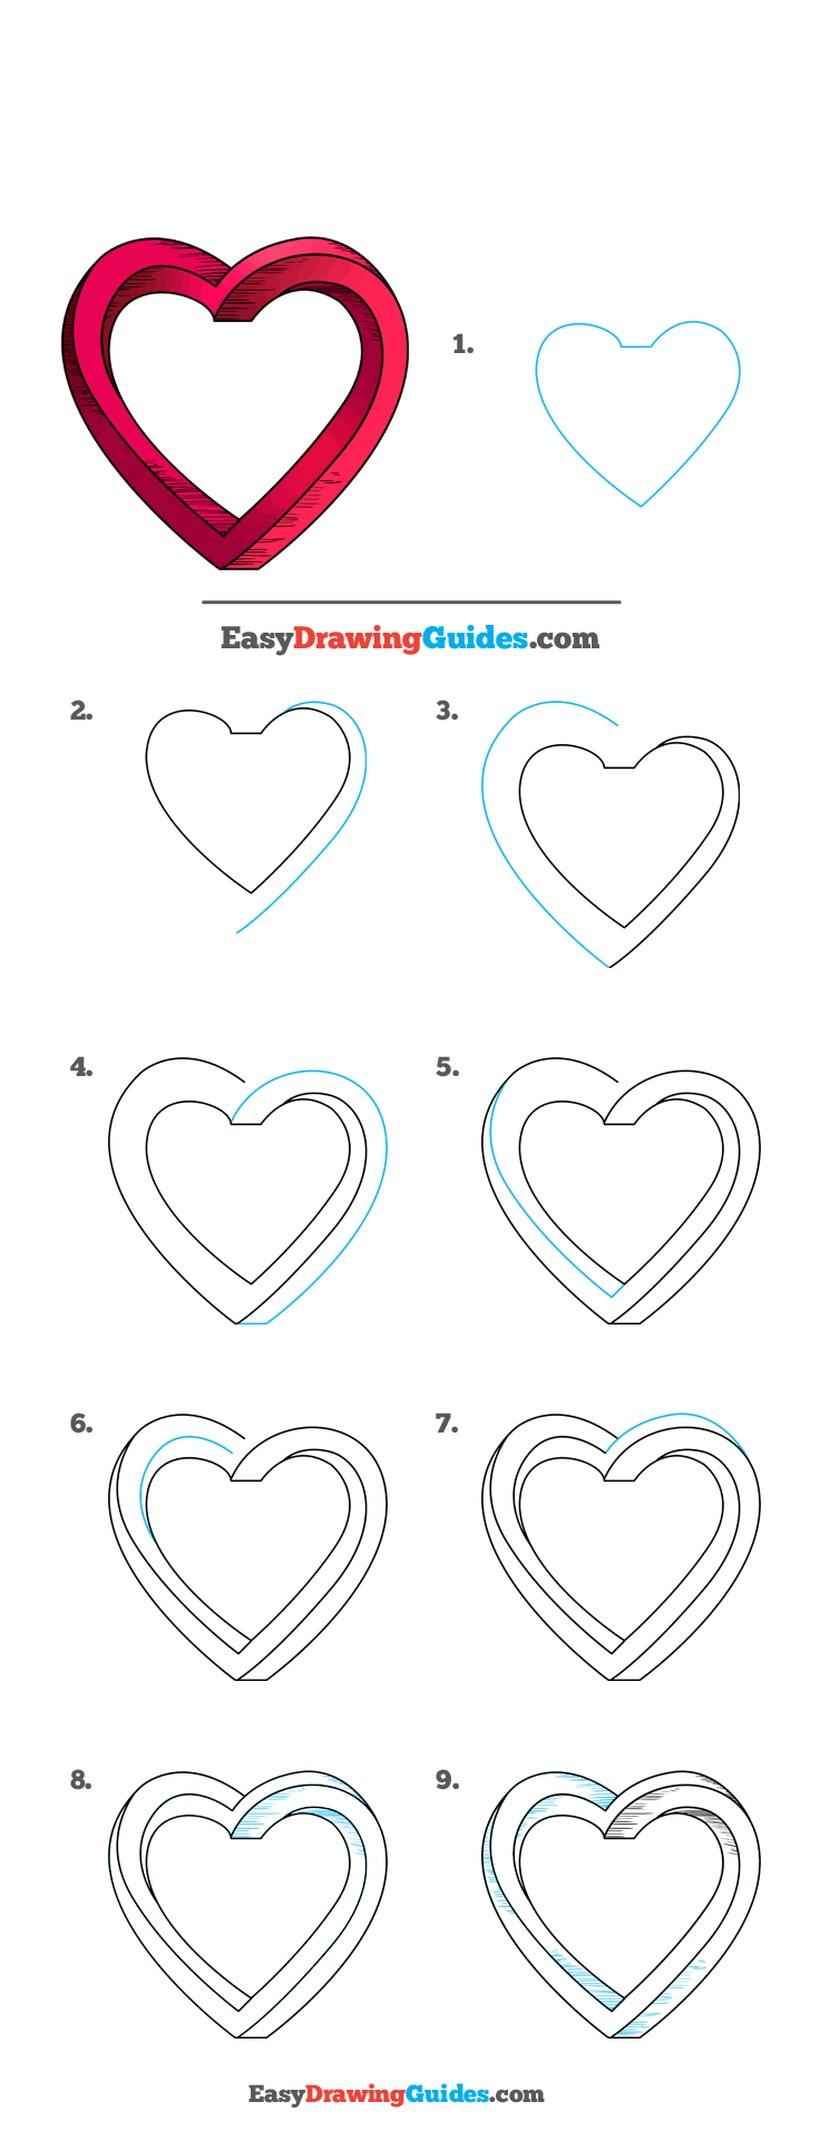 dibujo fácil de corazón infinito paso a paso